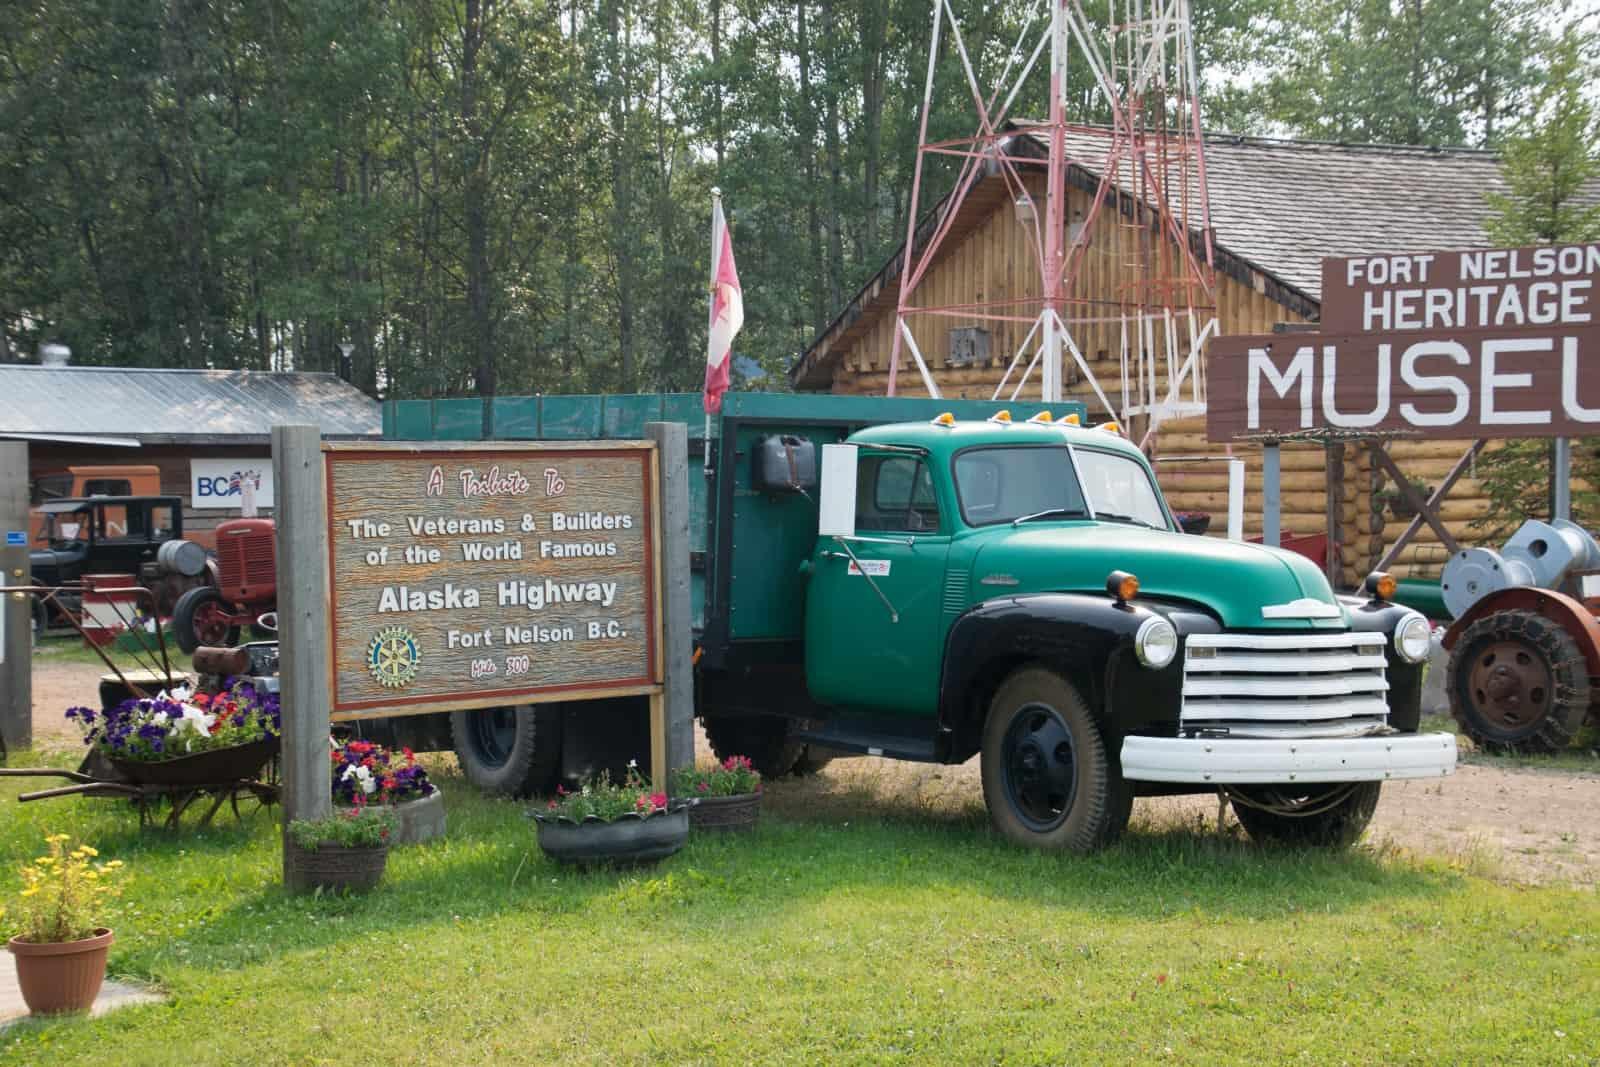 Die Geschichte des Baus des Alaska Highways und der Gasförderung in Northern BC wird im Fort Nelson Heritage Museum eindrucksvoll ausgestellt. Foto Daniela Ganz